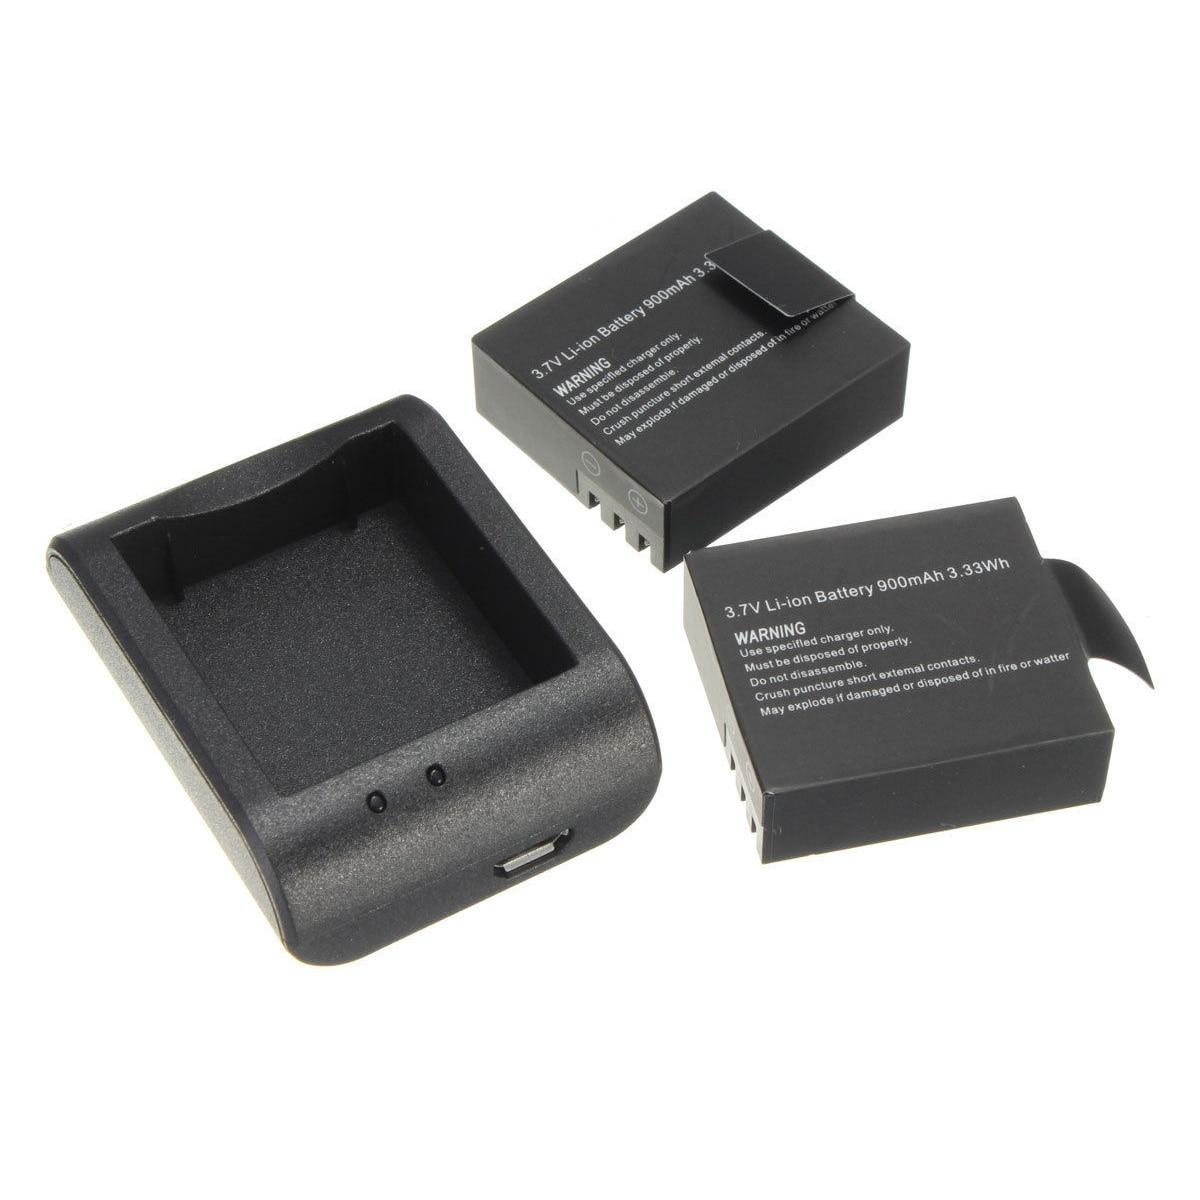 Meilleures Offres 2x900 mAh batterie + Charge Rapide Capacité Chargeur USB pour SJ4000 SJ5000 SJ6000 Caméscope D'action caméra DVR